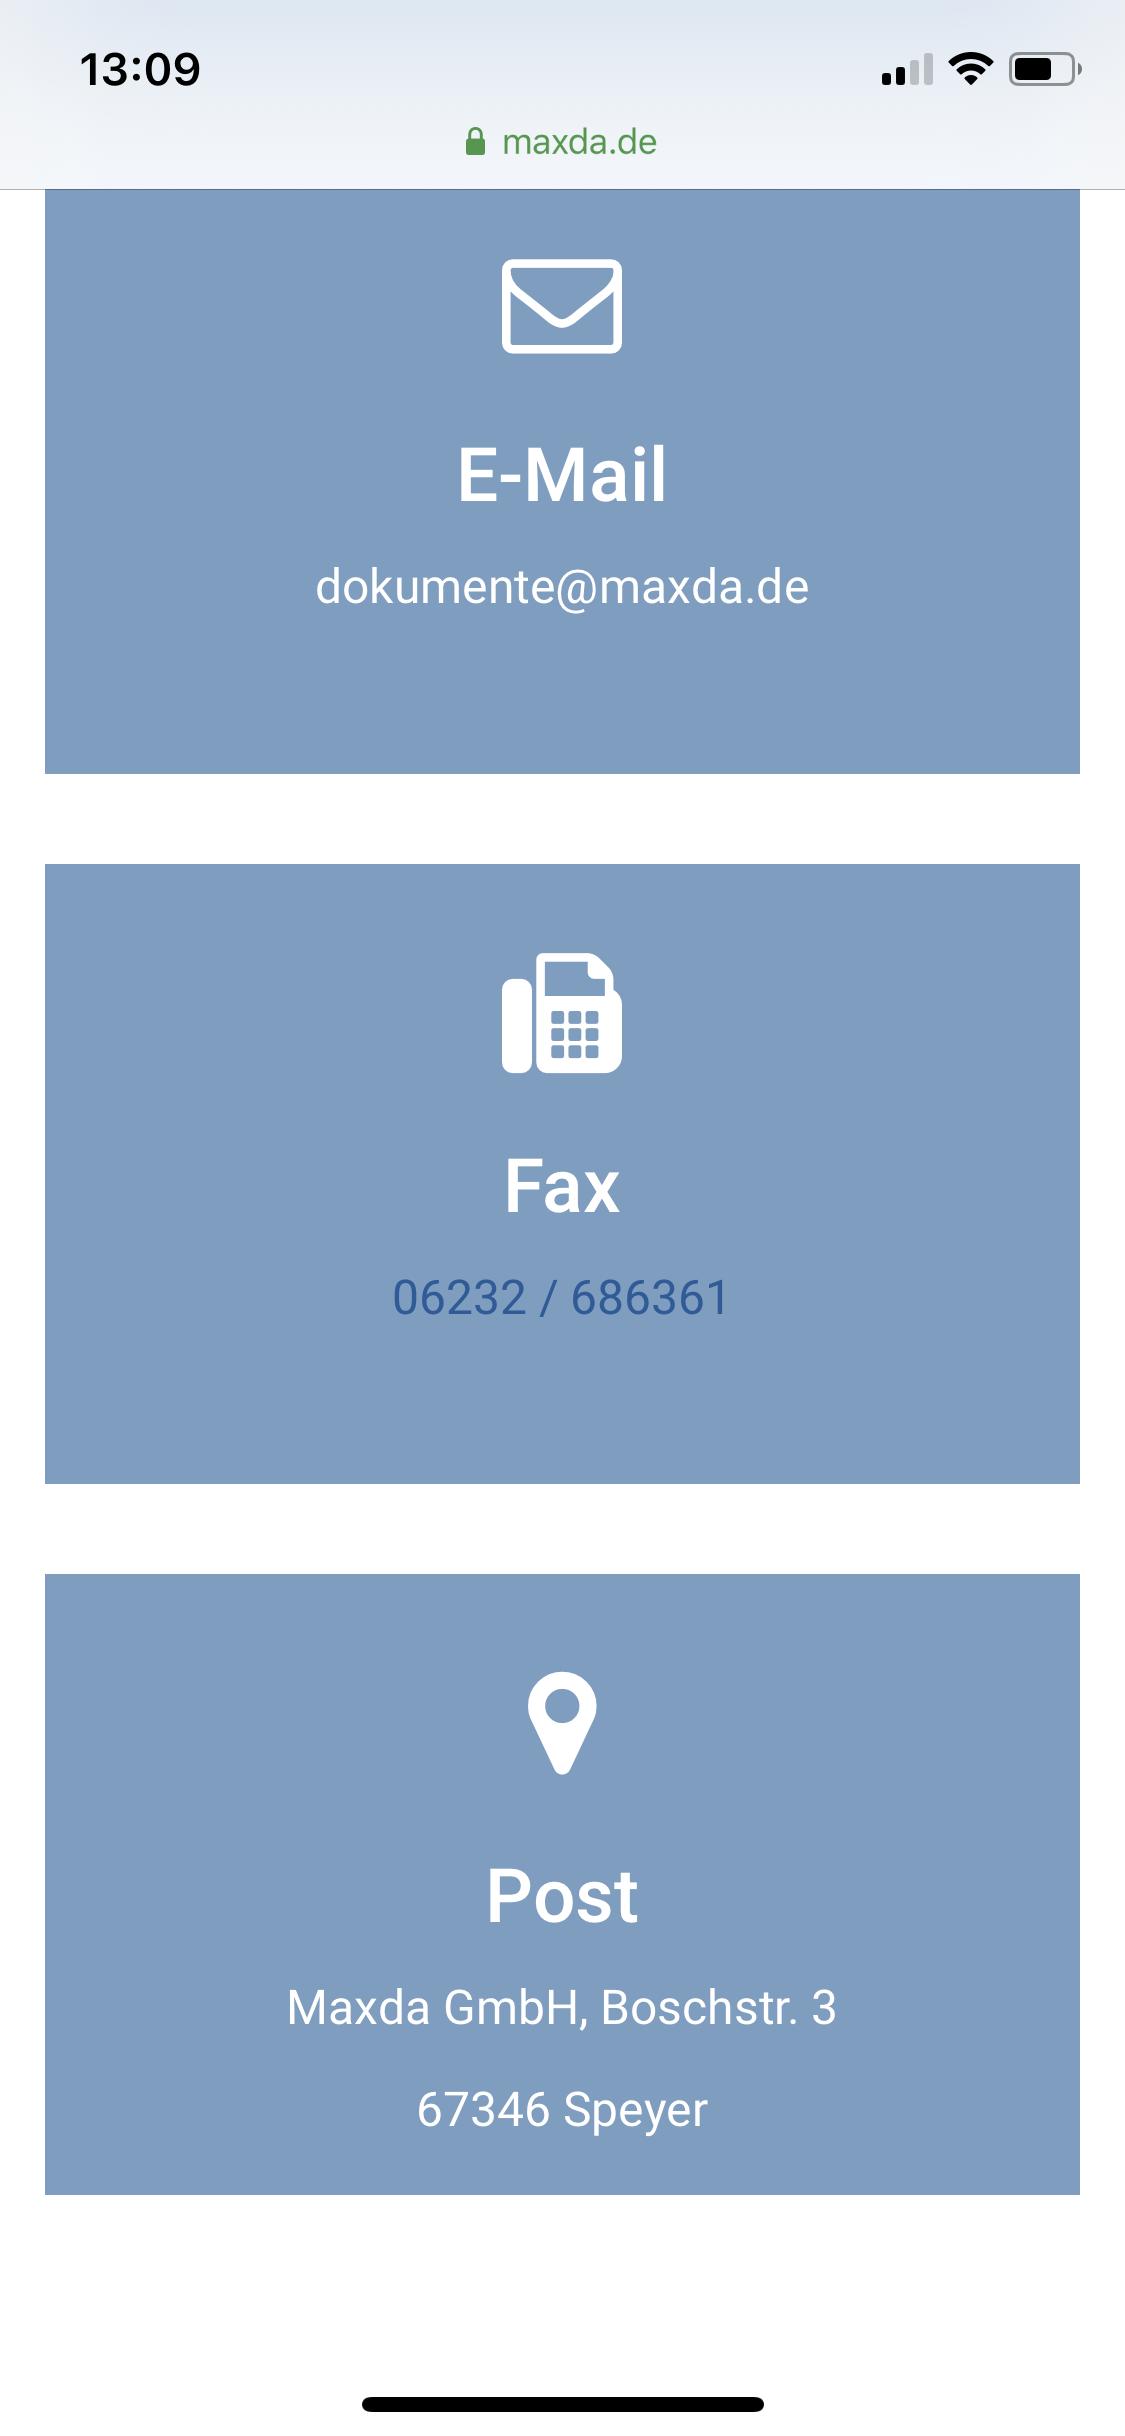 Maxda Fax und Postversand auf Smartphone